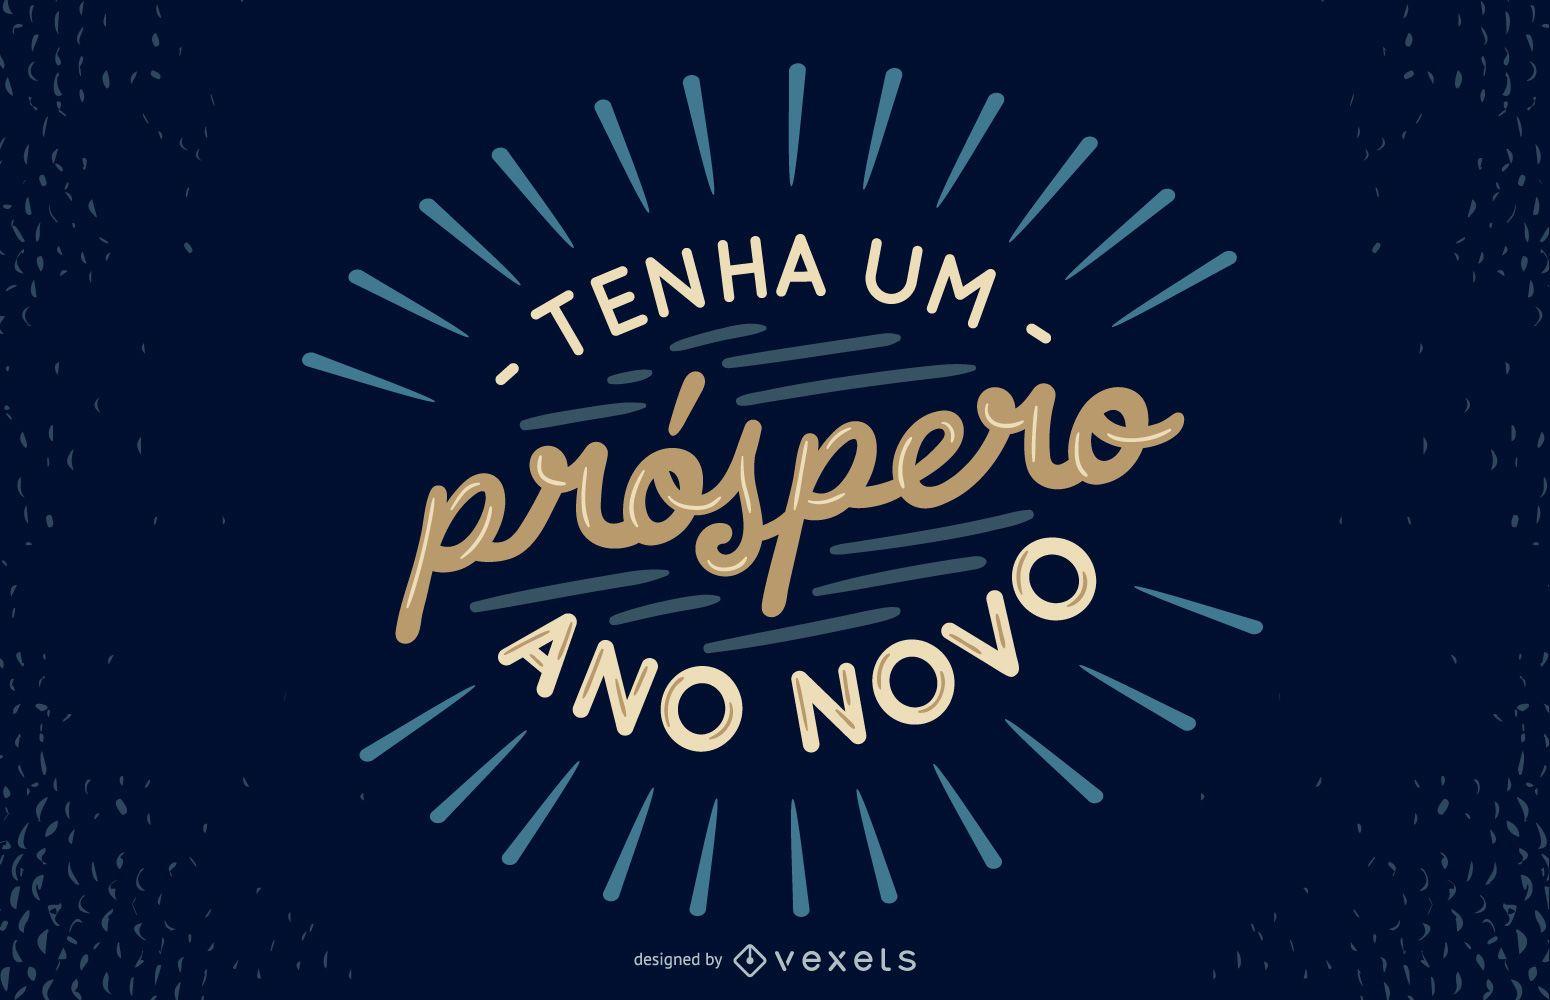 New Year Portuguese Quote Design